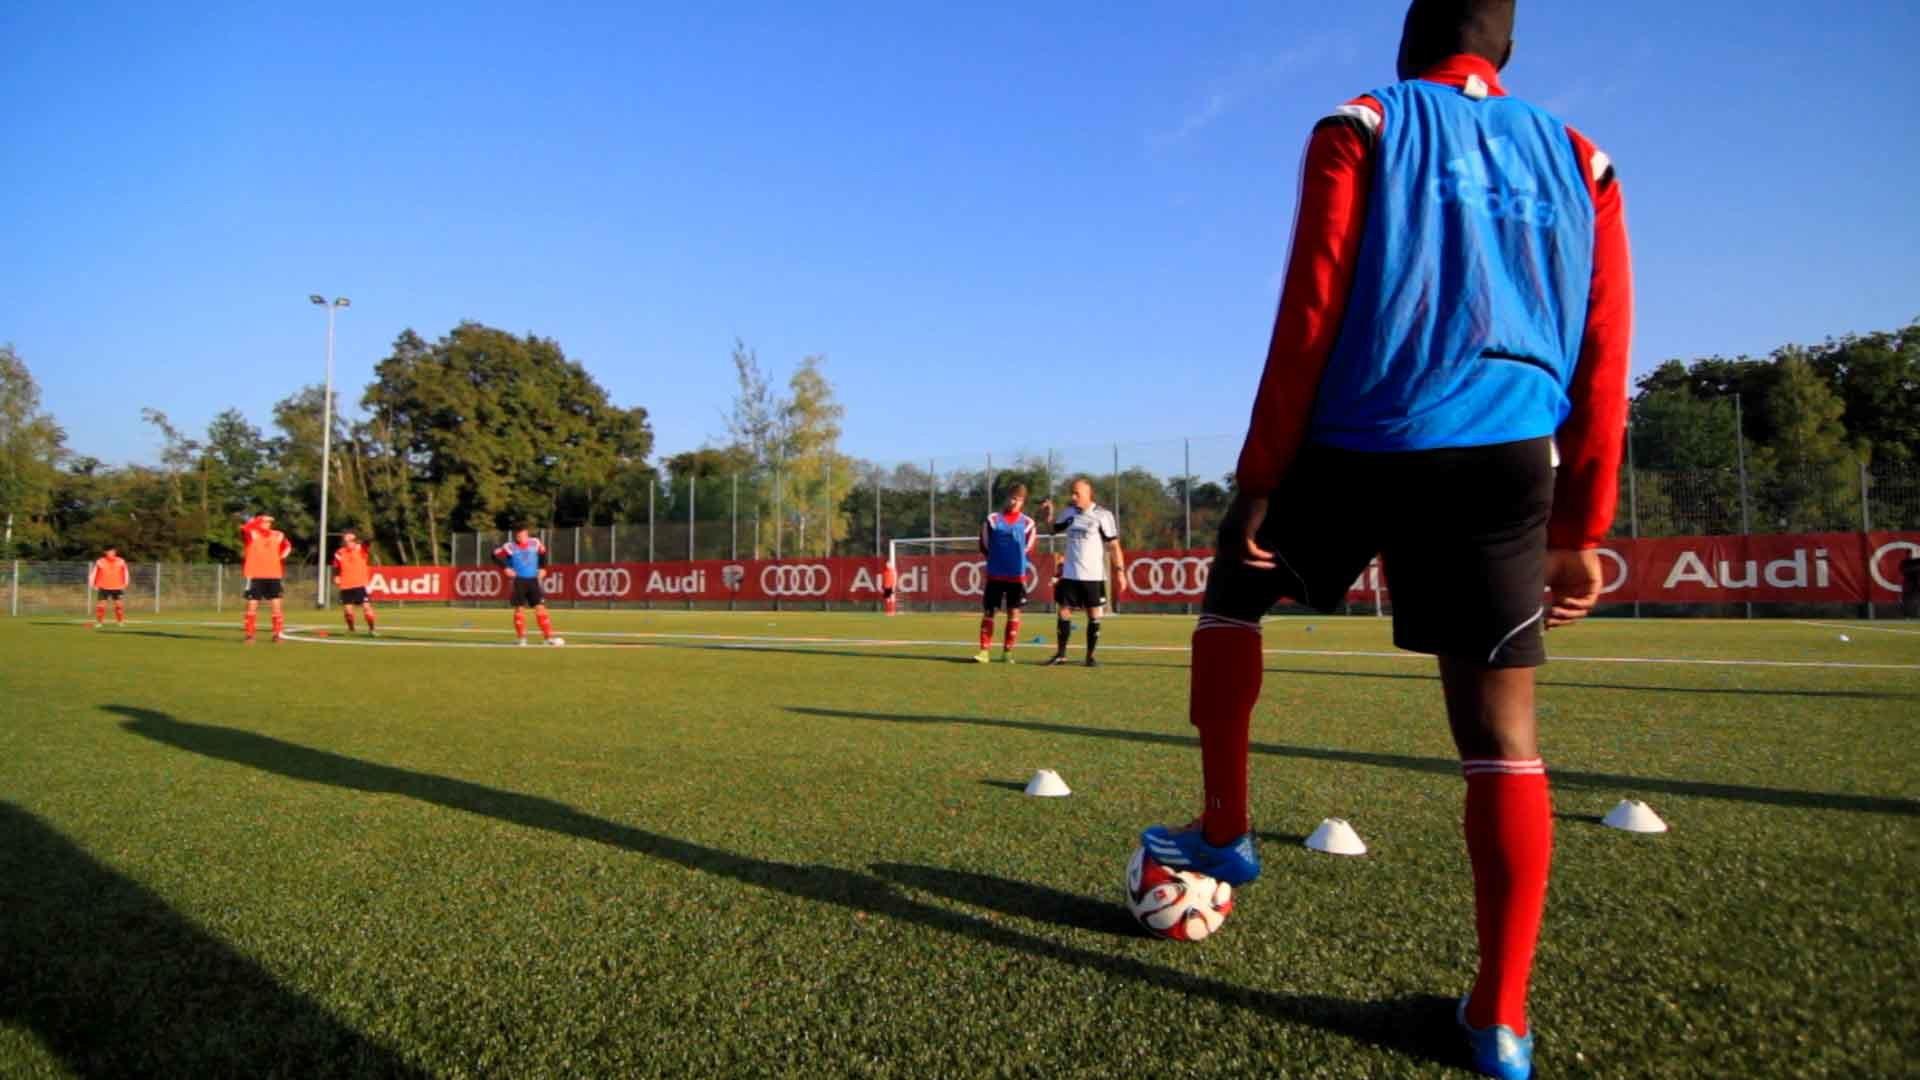 Gewalt auf dem Fußballplatz – Wenn nicht nur gegen den Ball getreten wird